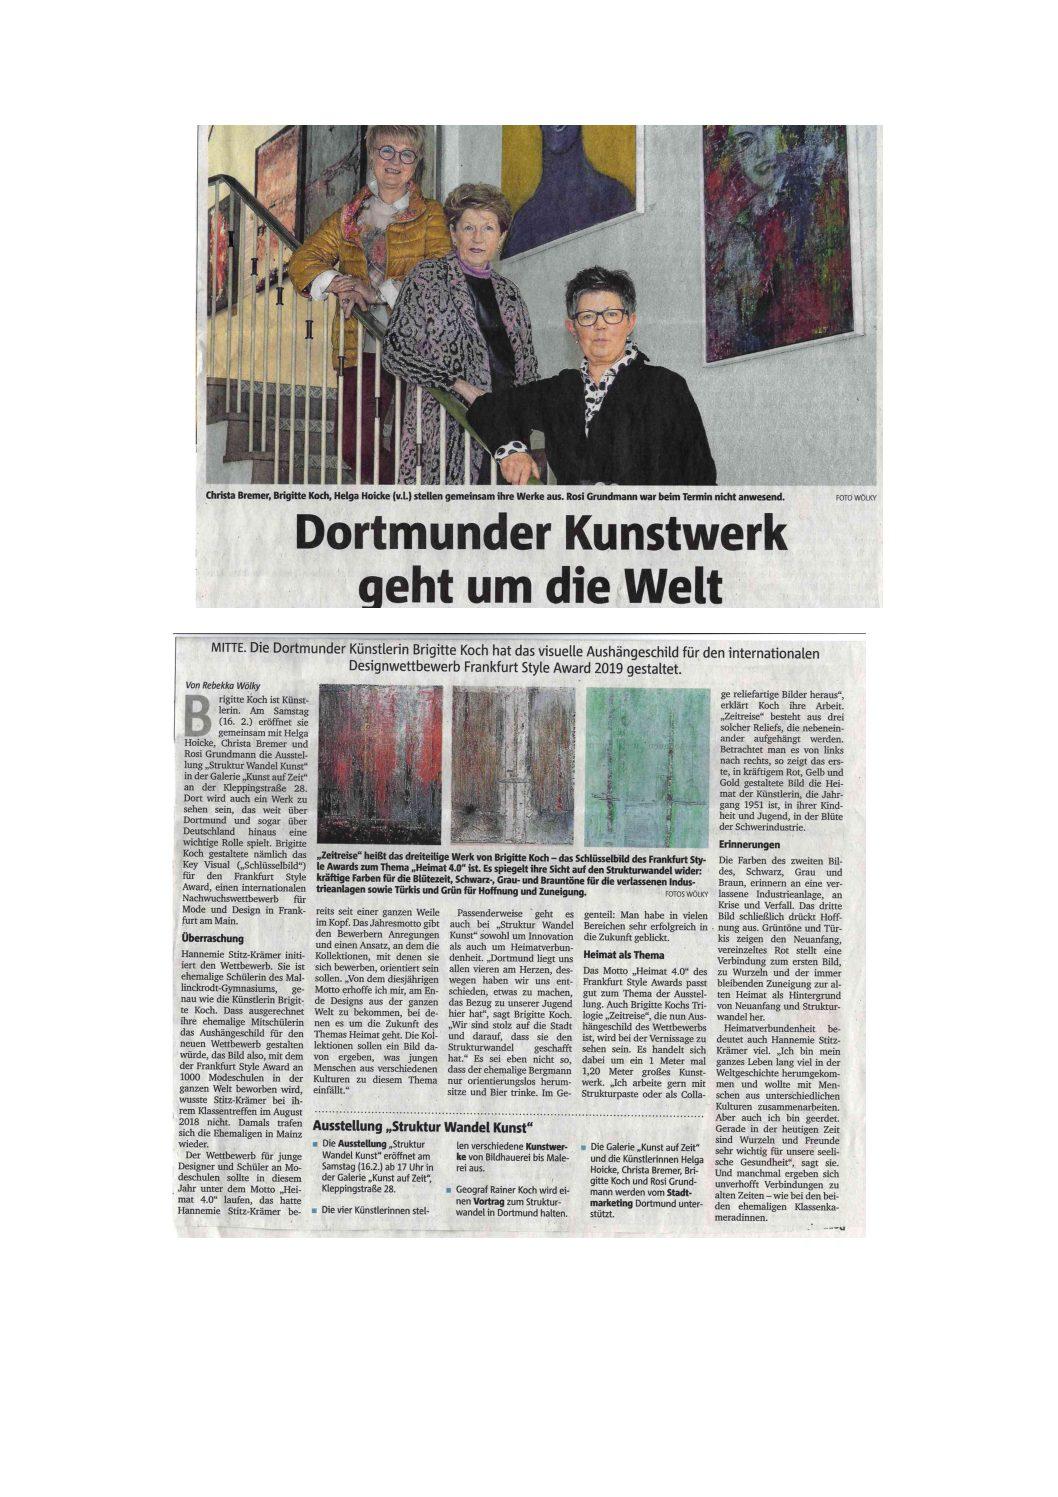 Ruhrnachrichten Dortmund